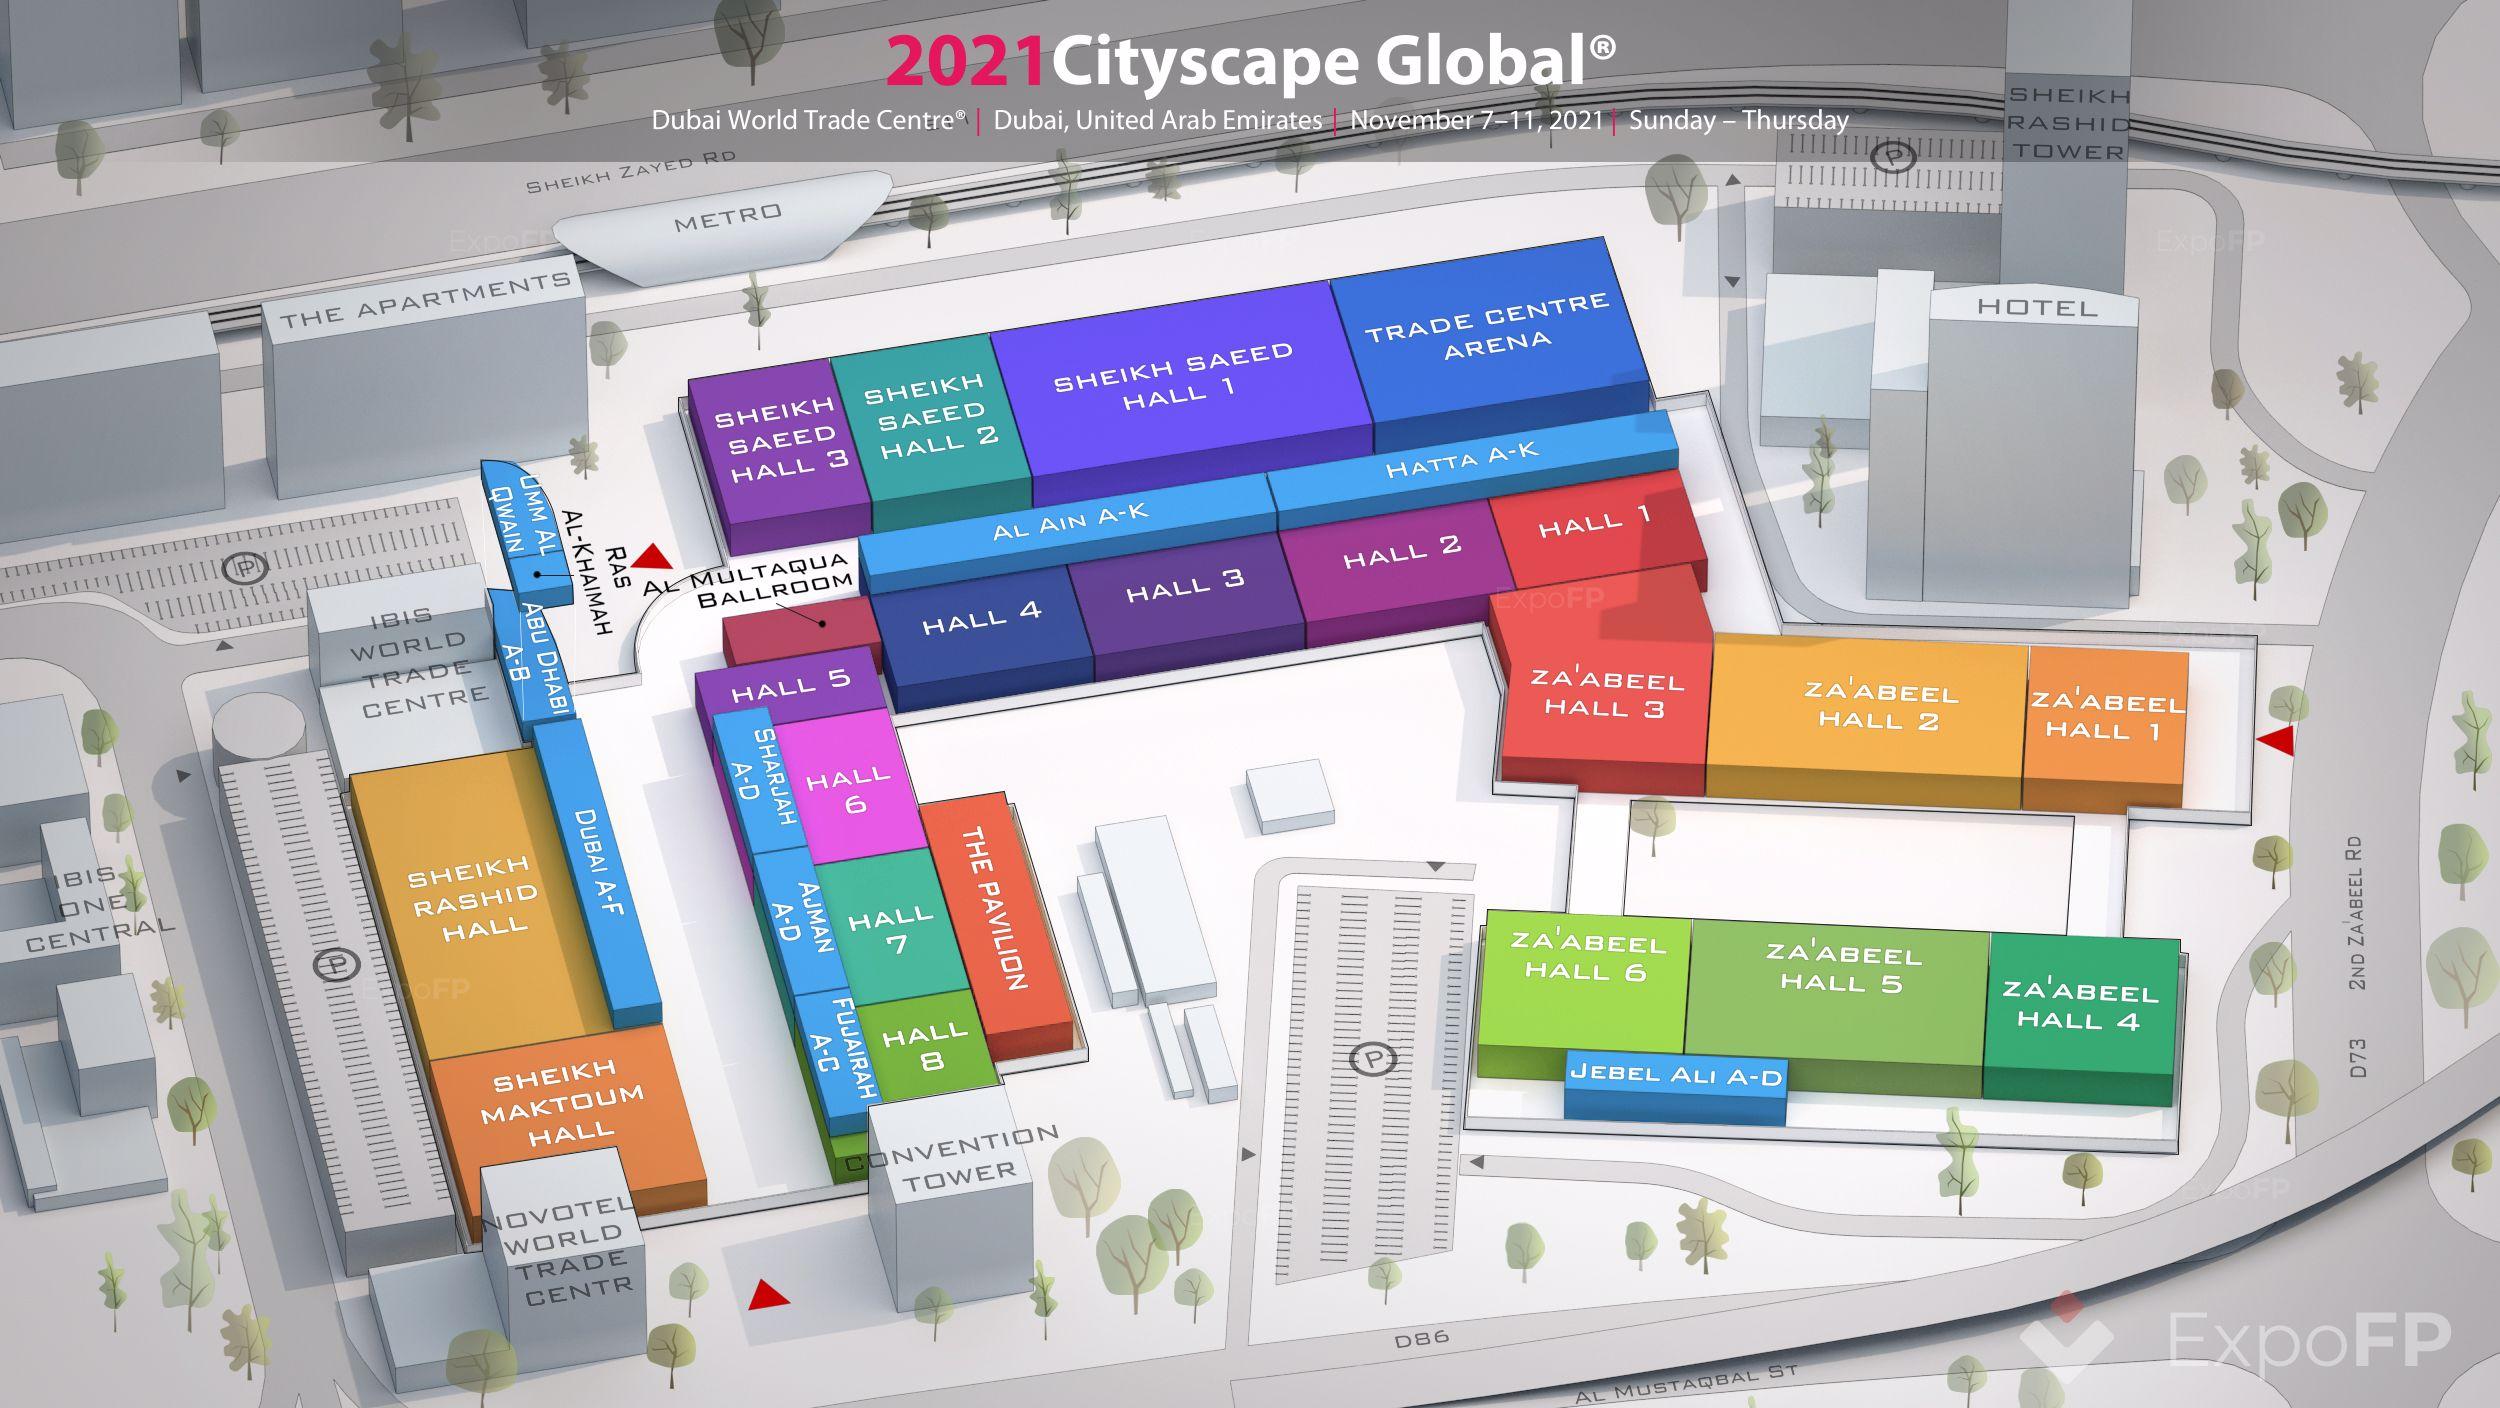 Cityscape Global 2021 In Dubai World Trade Centre